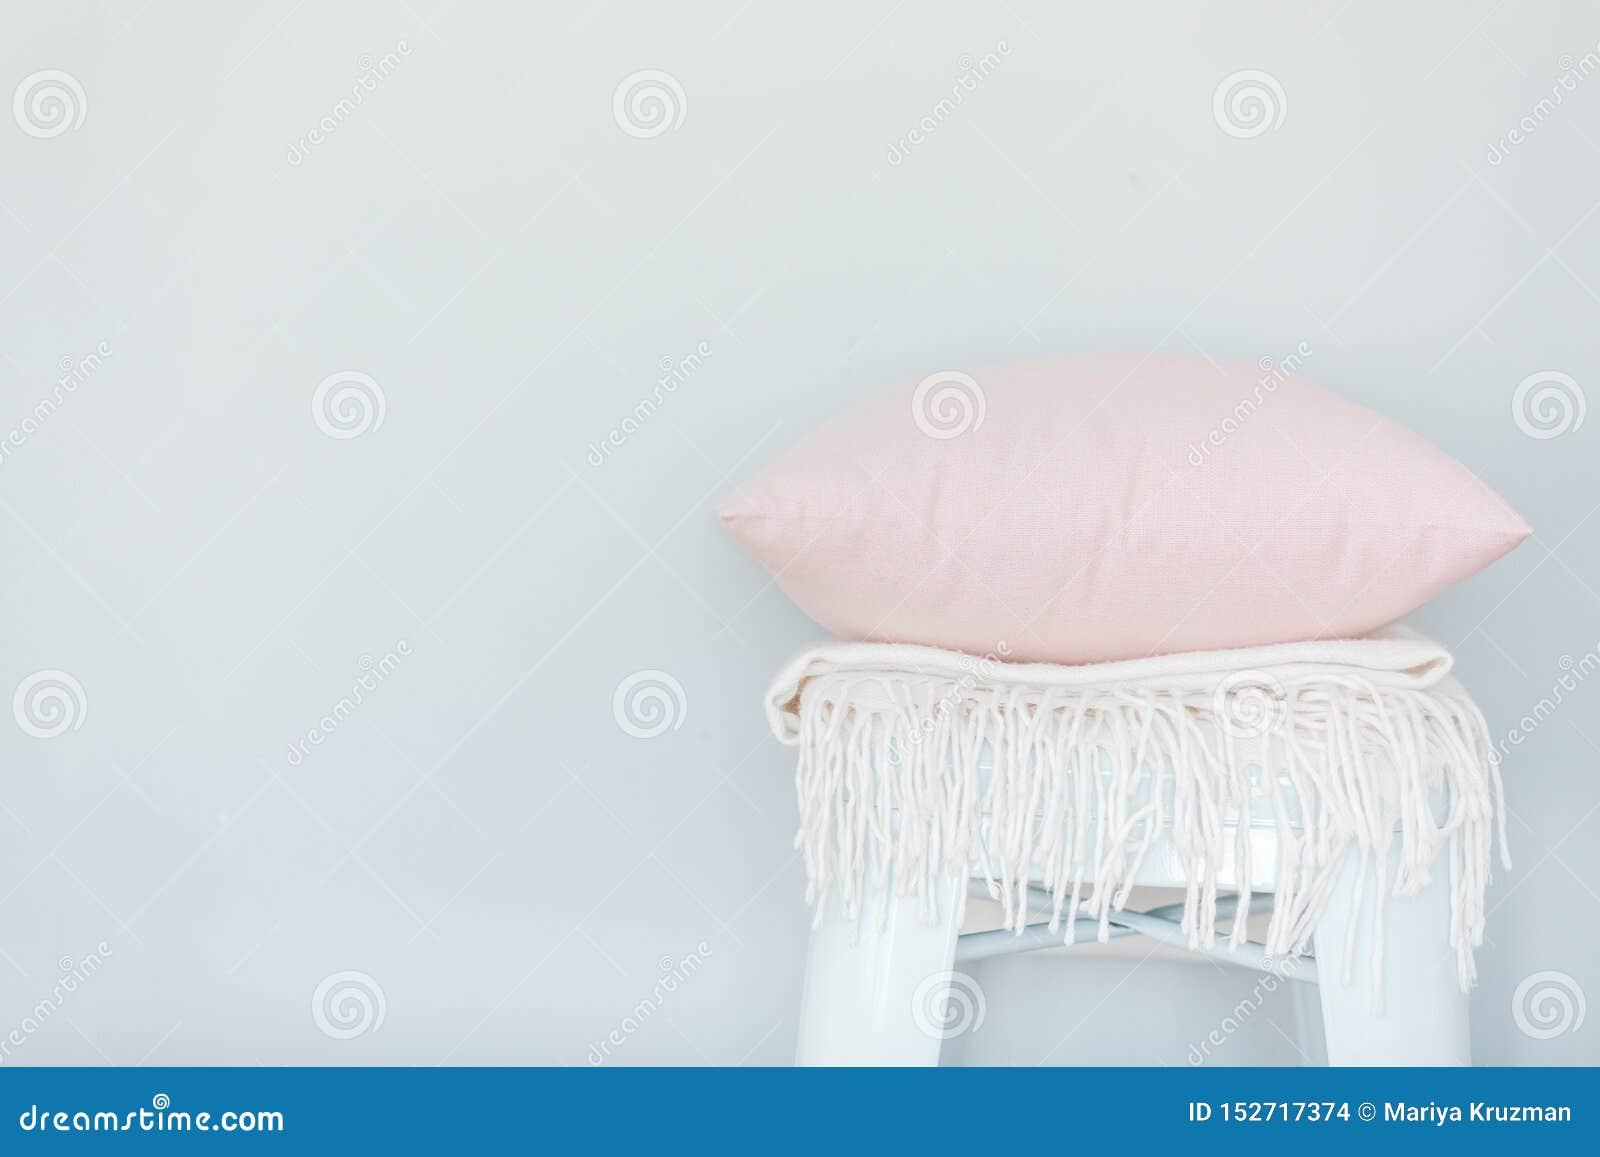 Minimalistic skandinavian beeld van een lichtrose hoofdkussen en een witte plaid op de stoel dichtbij een lichtblauwe muur